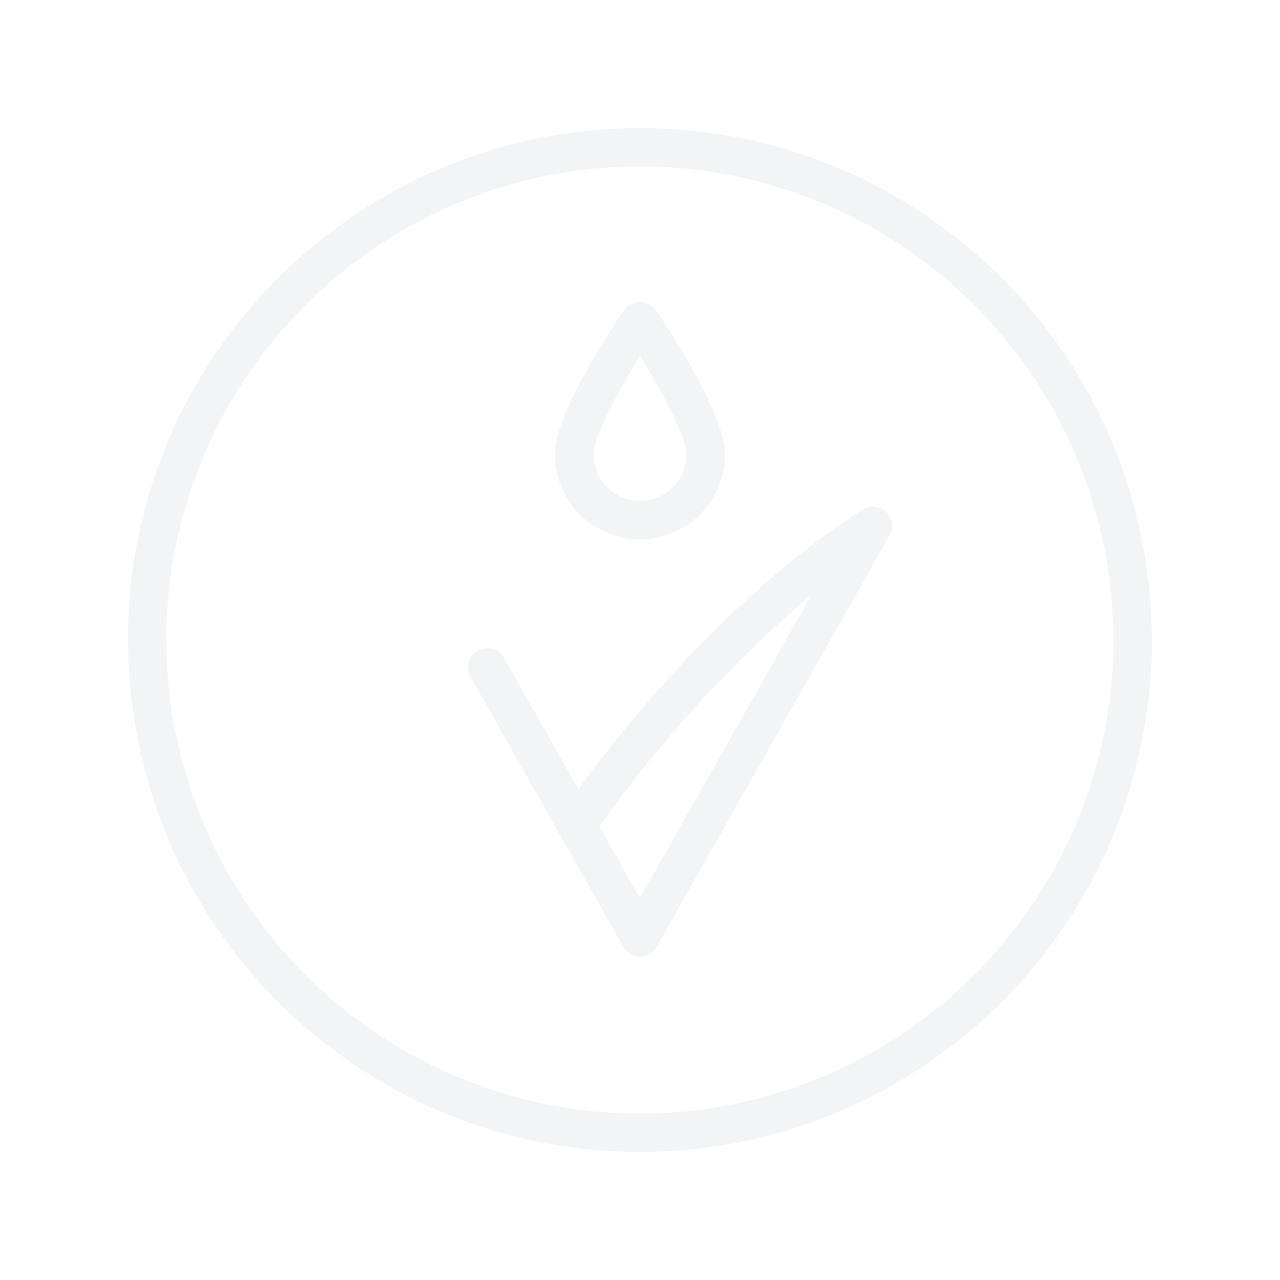 JUVENA Skin Rejuvenate Nourishing Day Cream 50ml